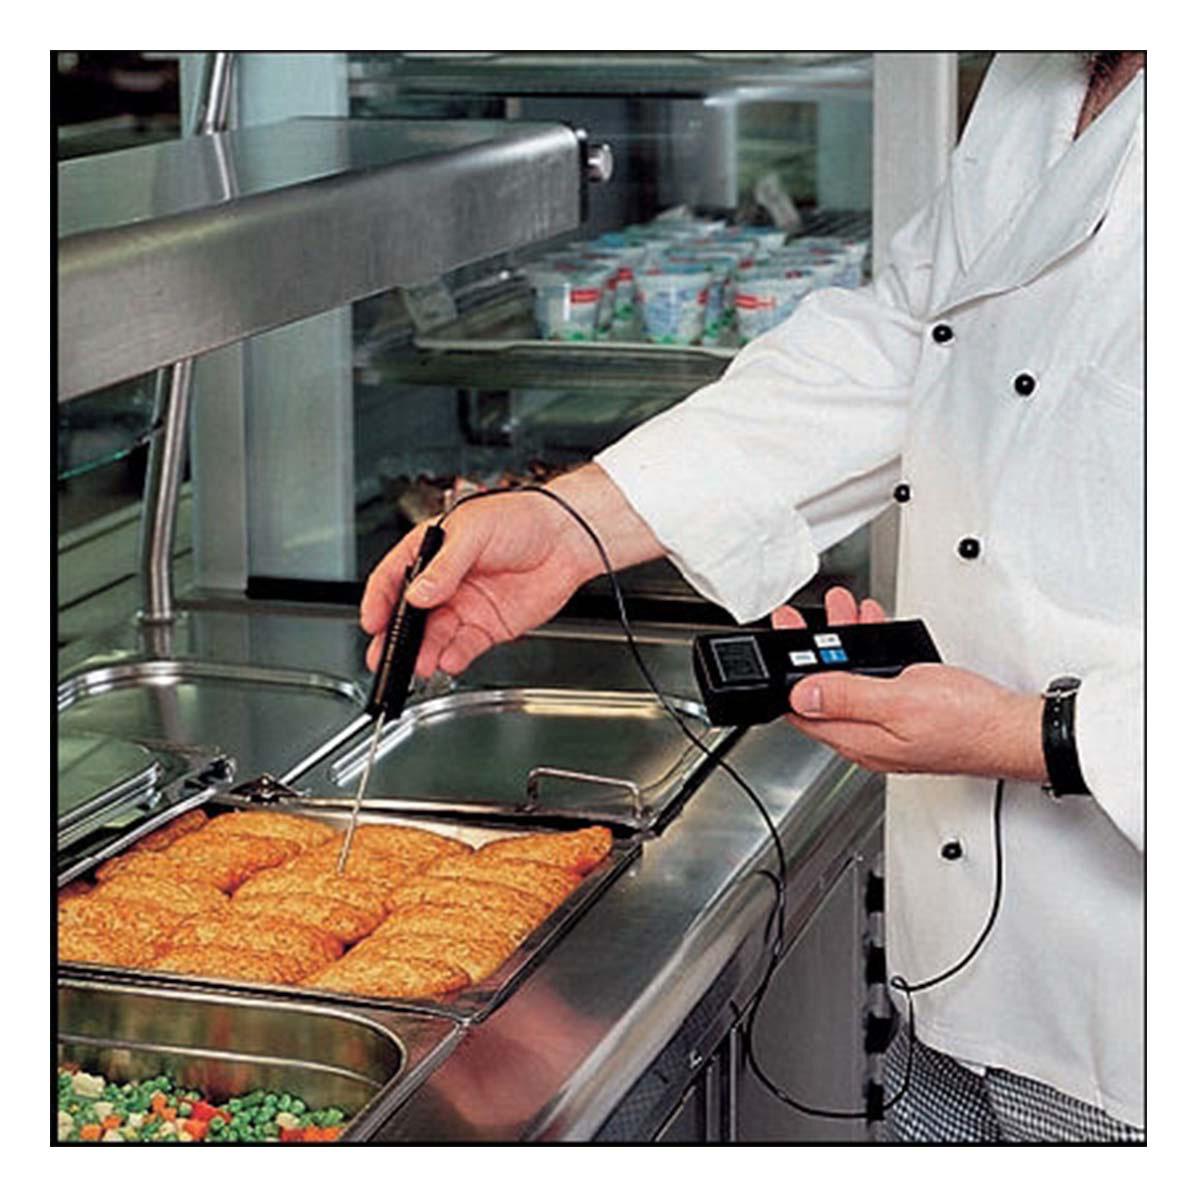 31-1020-k-profi-digitalthermometer-mit-einstichfühler-p300-anwendung2-1200x1200px.jpg